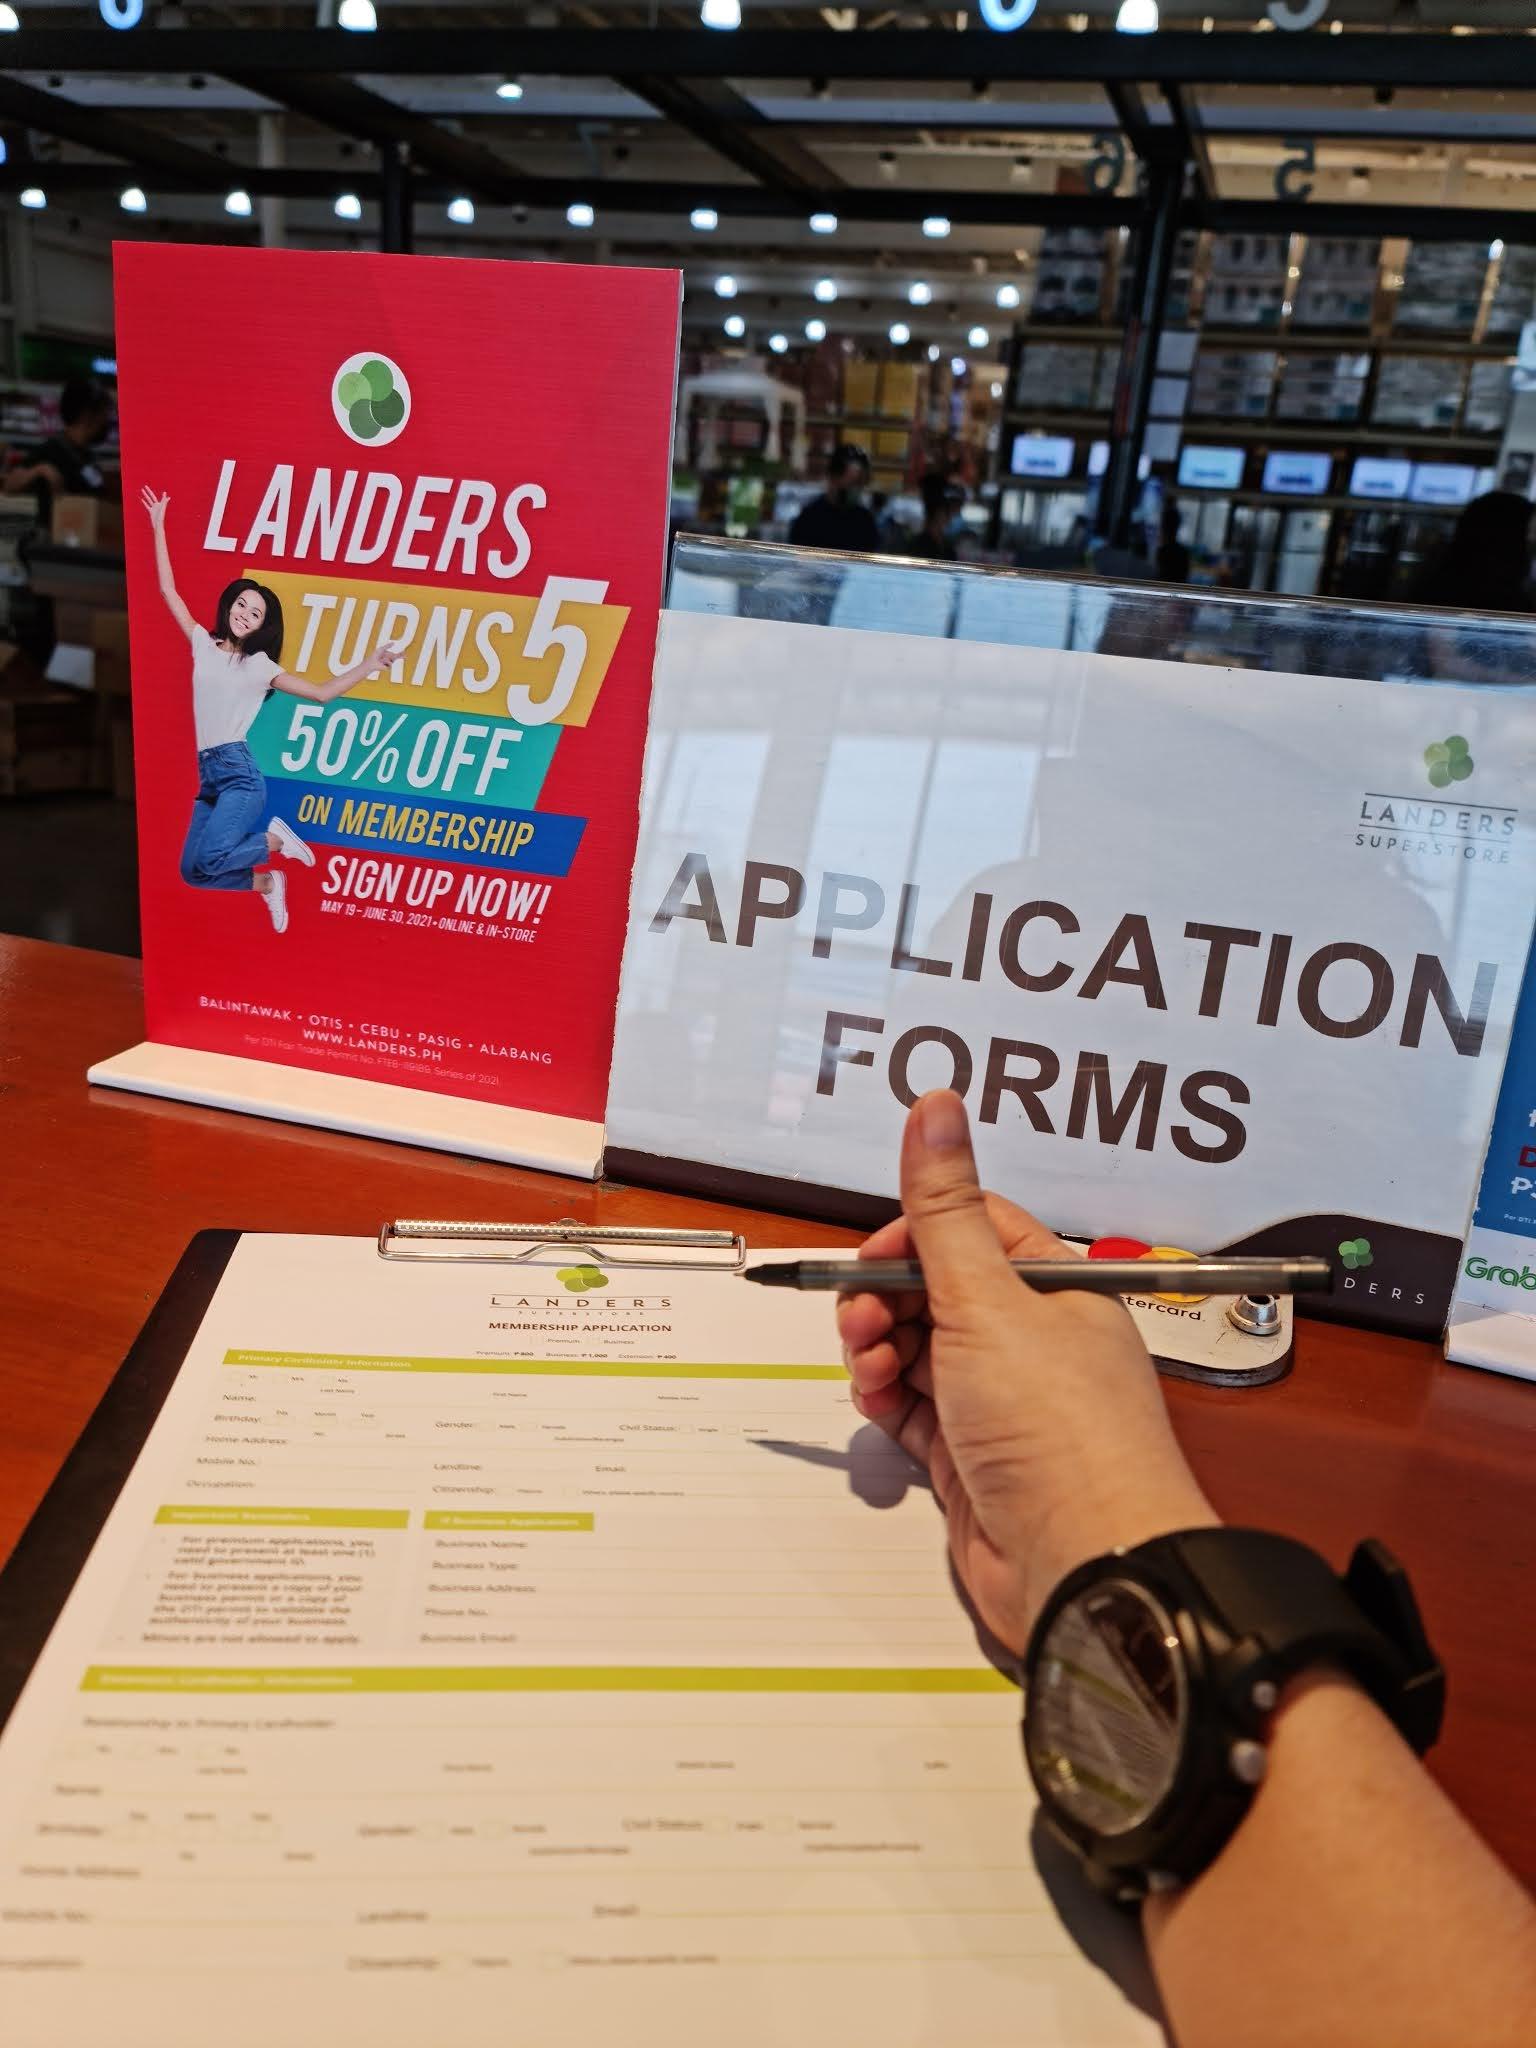 Landers membership fee 50% off until June 30,2021 only